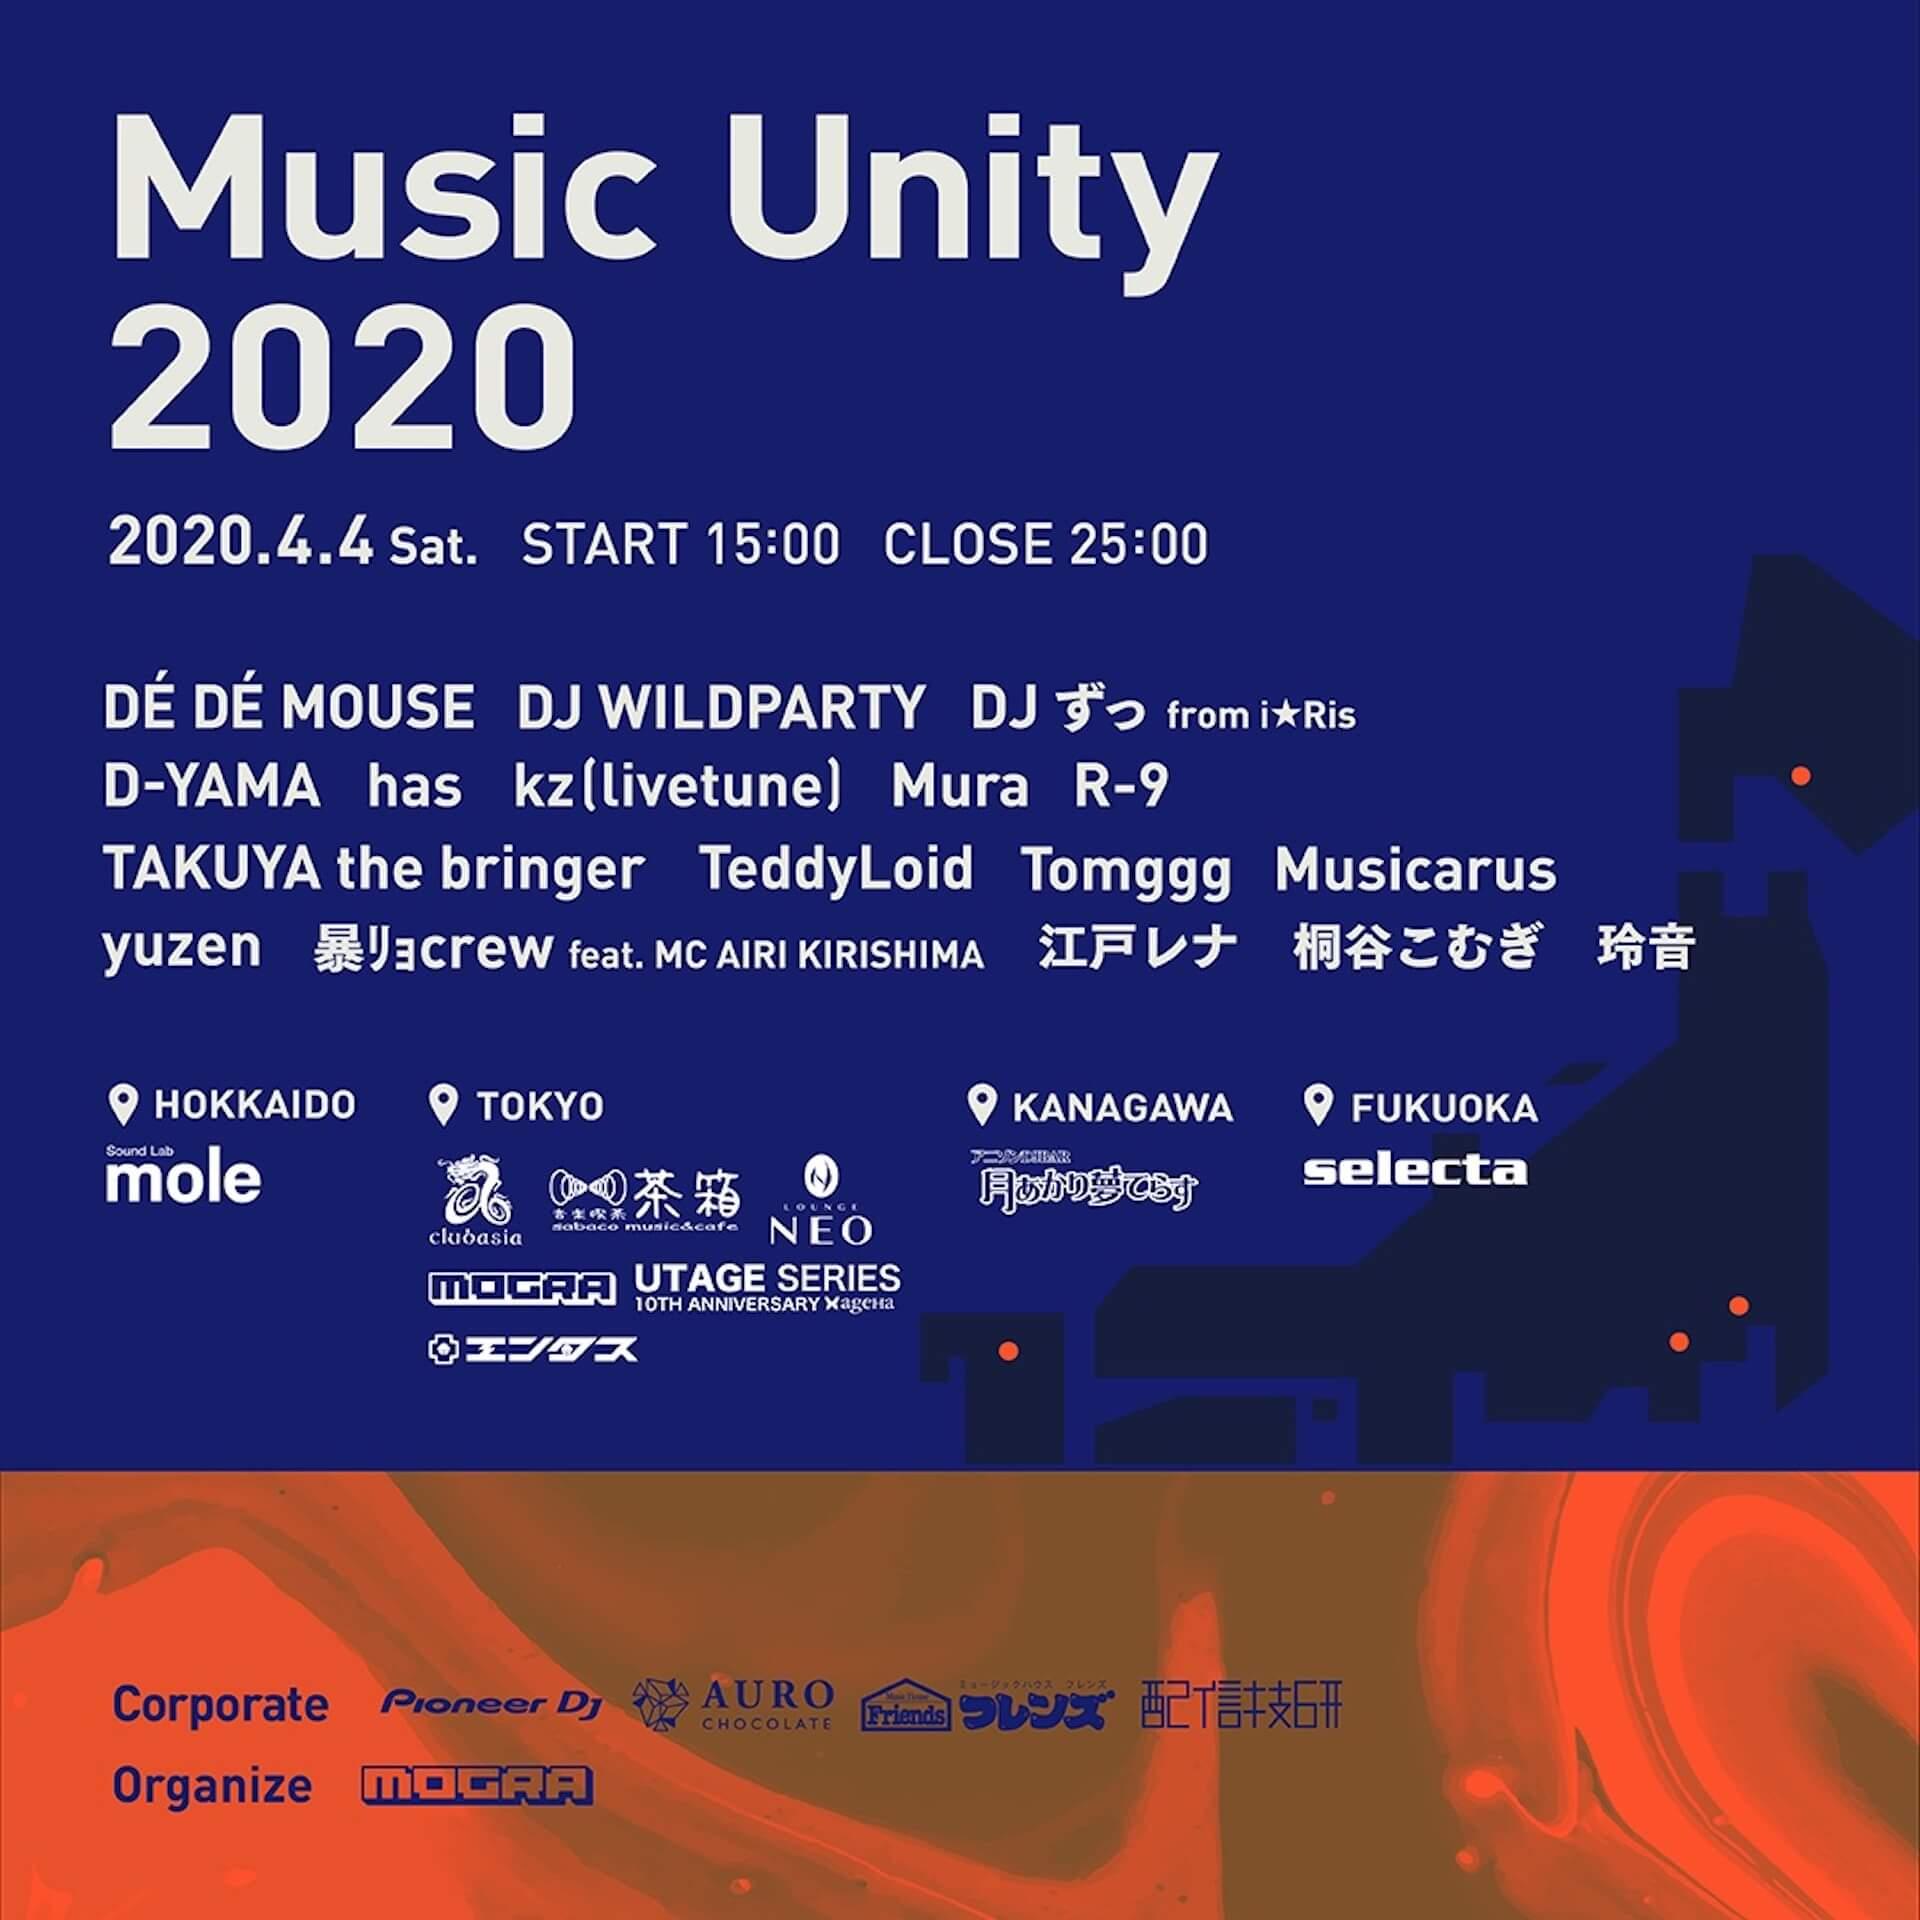 全国のクラブ・ライブハウスが参加するライブストリーミングフェス<Music Unity 2020>配信決定!TeddyLoid、DÉ DÉ MOUSEらが登場 music200402_musicunity_01